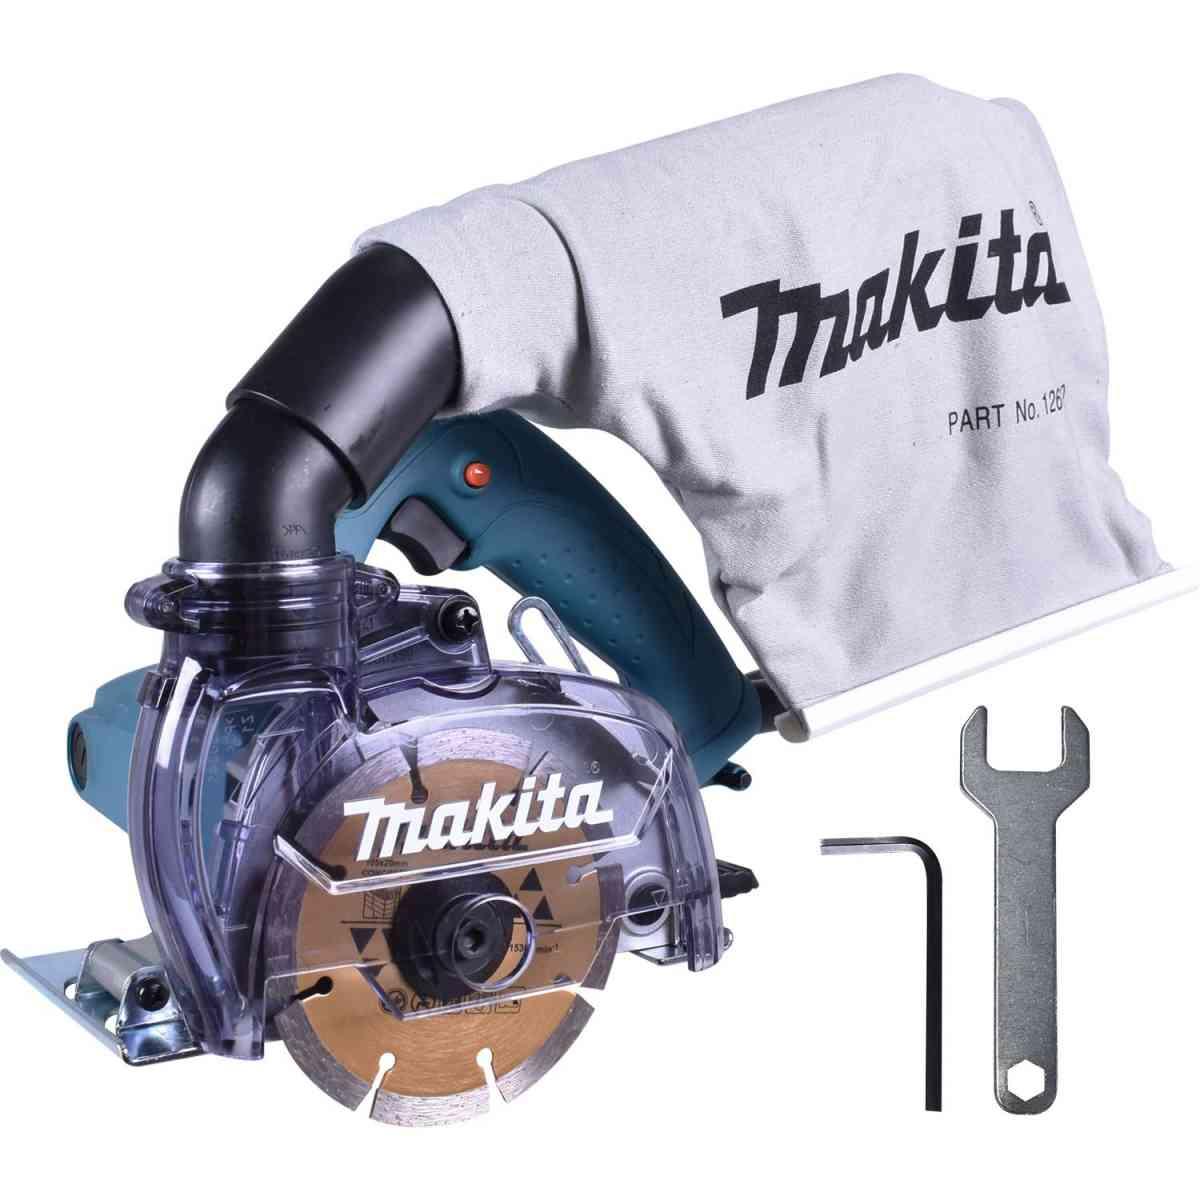 Serra Marmore Makita 4100KB 220v Com Coletor de Pó